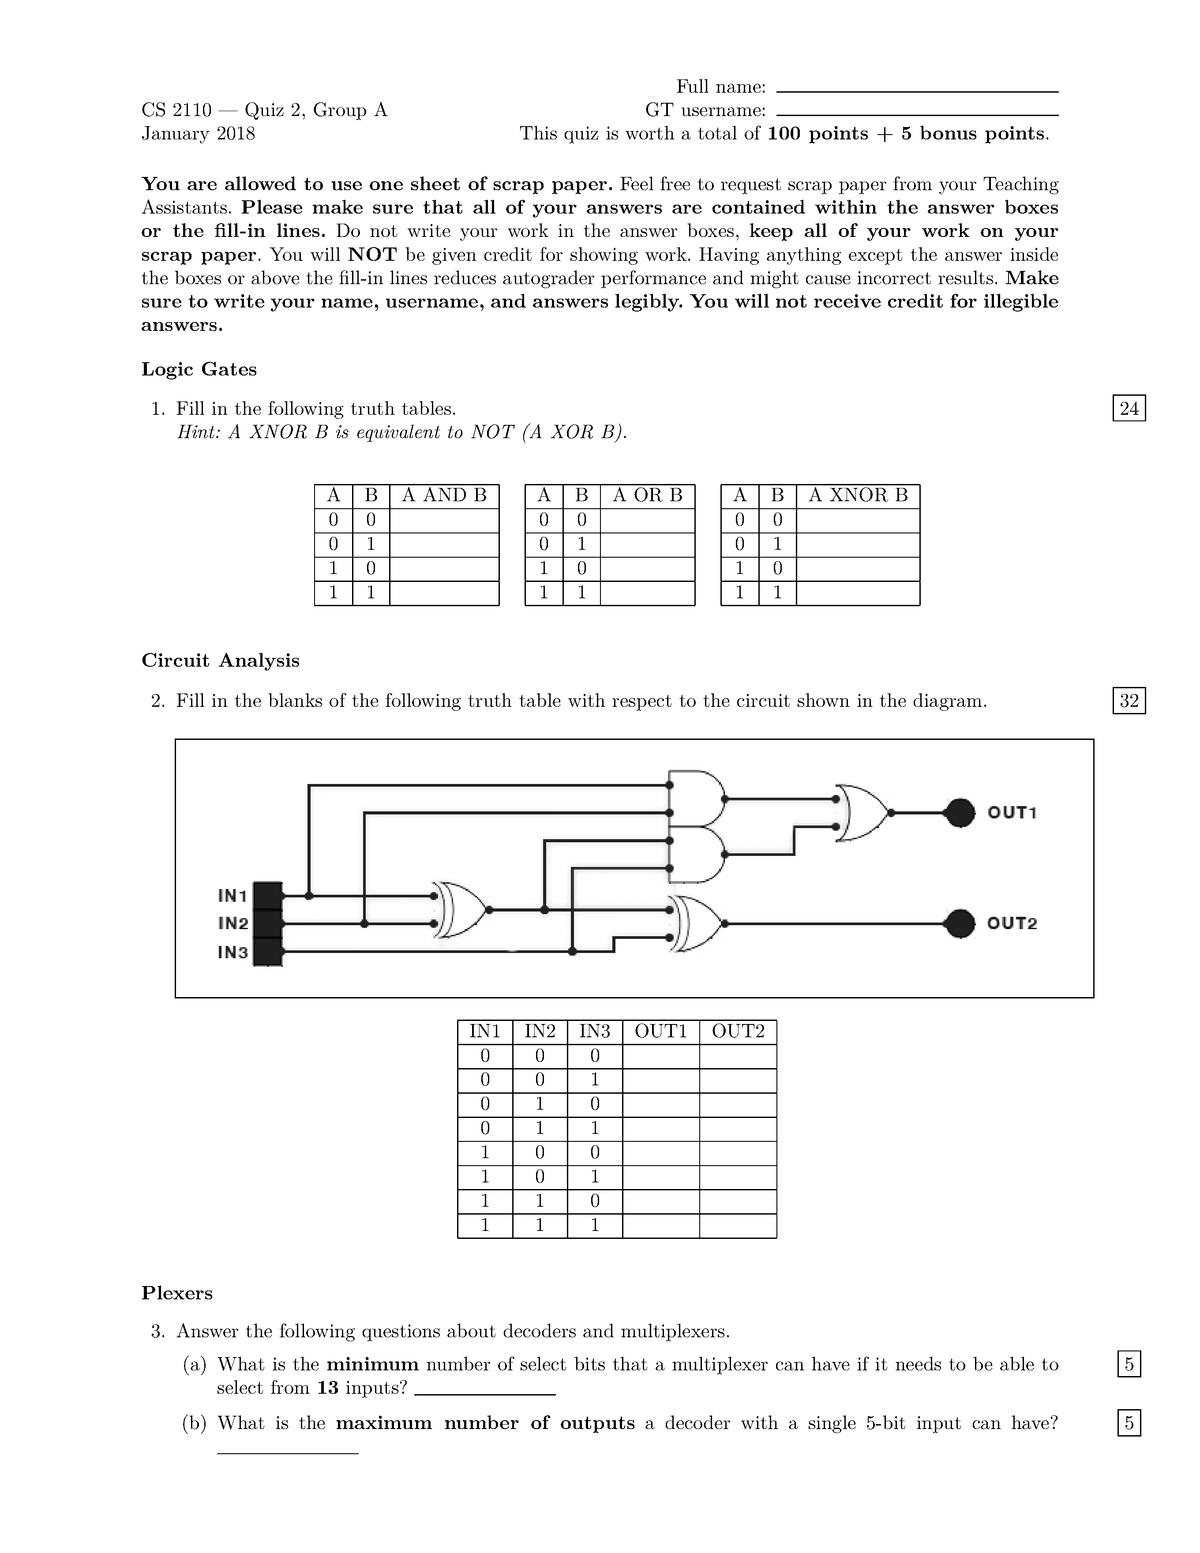 Exam 2018 - CS 2110: Computer Organiz&Program - StuDocu